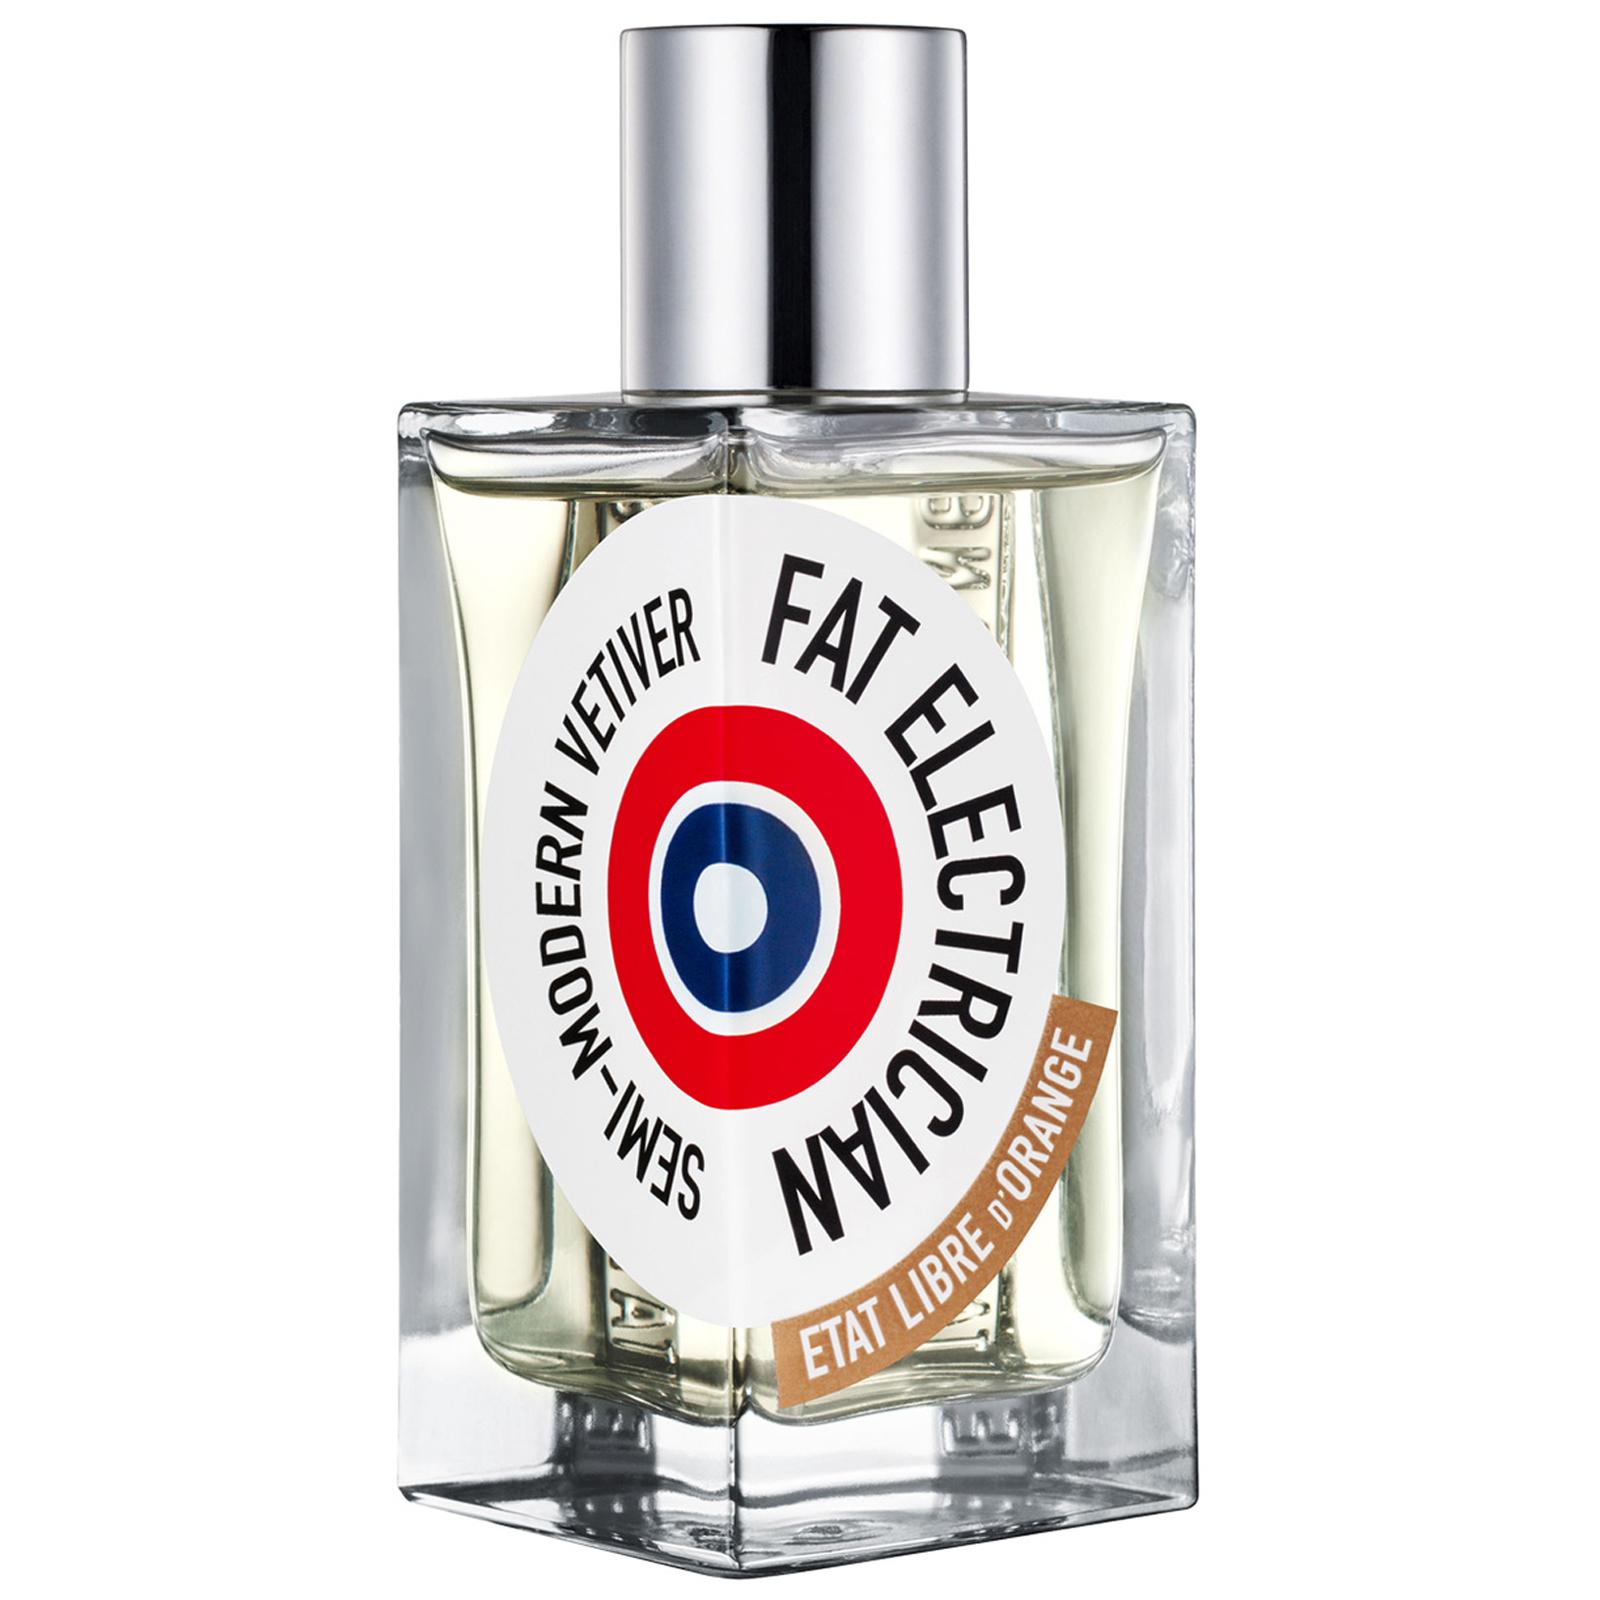 ETAT LIBRE D'ORANGE Fat Electrician Perfume Eau De Parfum 50 Ml in White